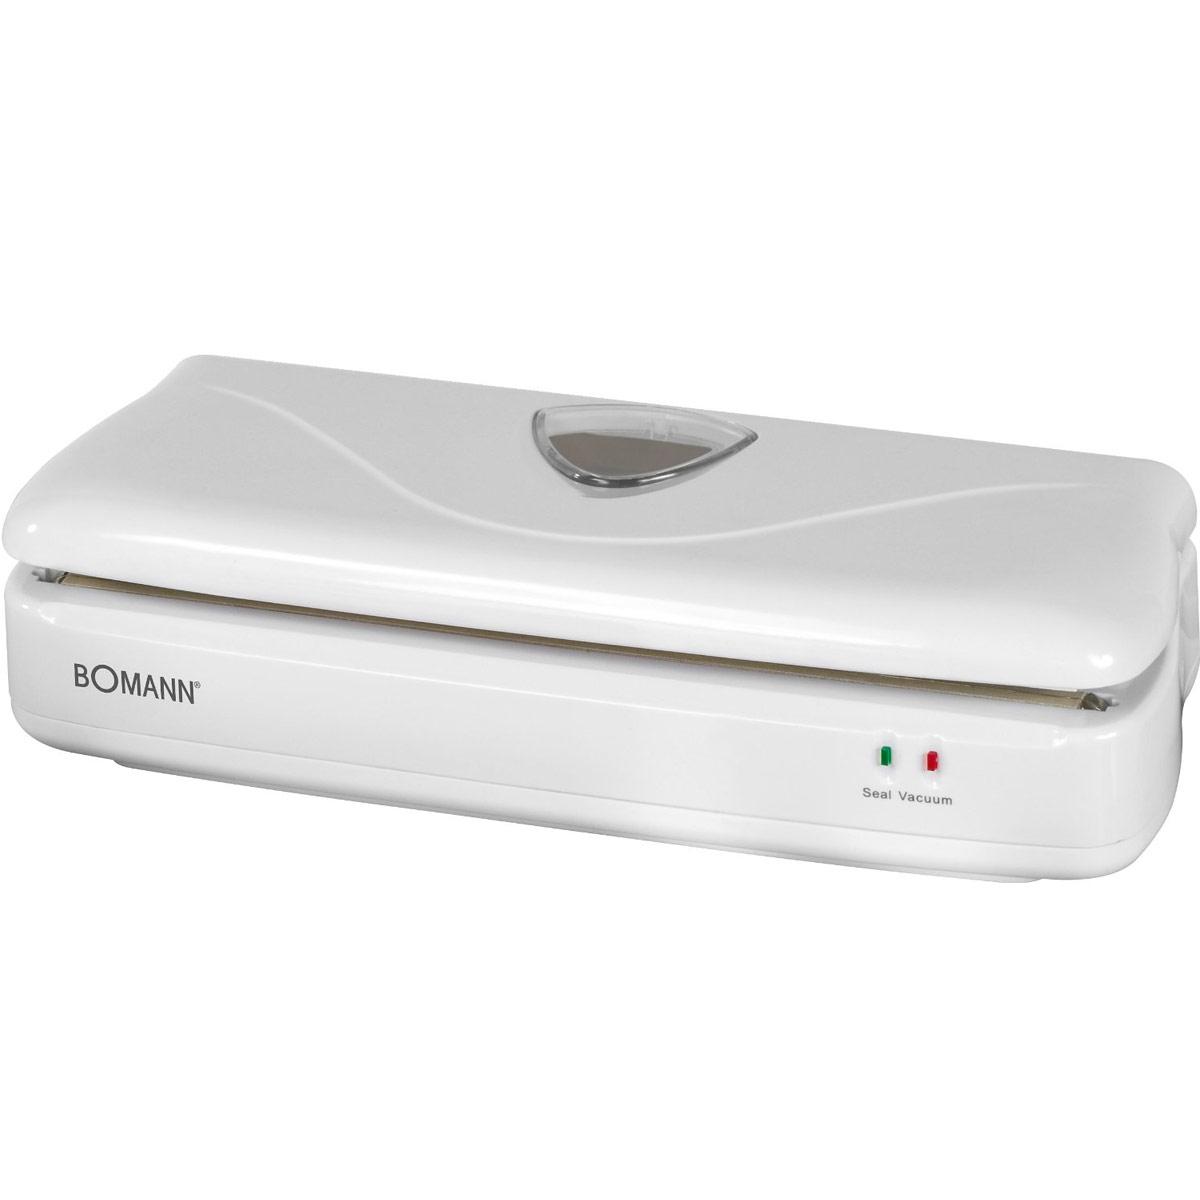 Bomann FS 1014 CB, White вакуумный упаковщикFS 1014 CB weisВакуумный упаковщик Bomann FS 1014 CBидеально подходит для разделения продуктов на порции.2 световых индикатораМощный вакуумный насосНапряжение: 230 ВВ комплекте: пленка (3 м)